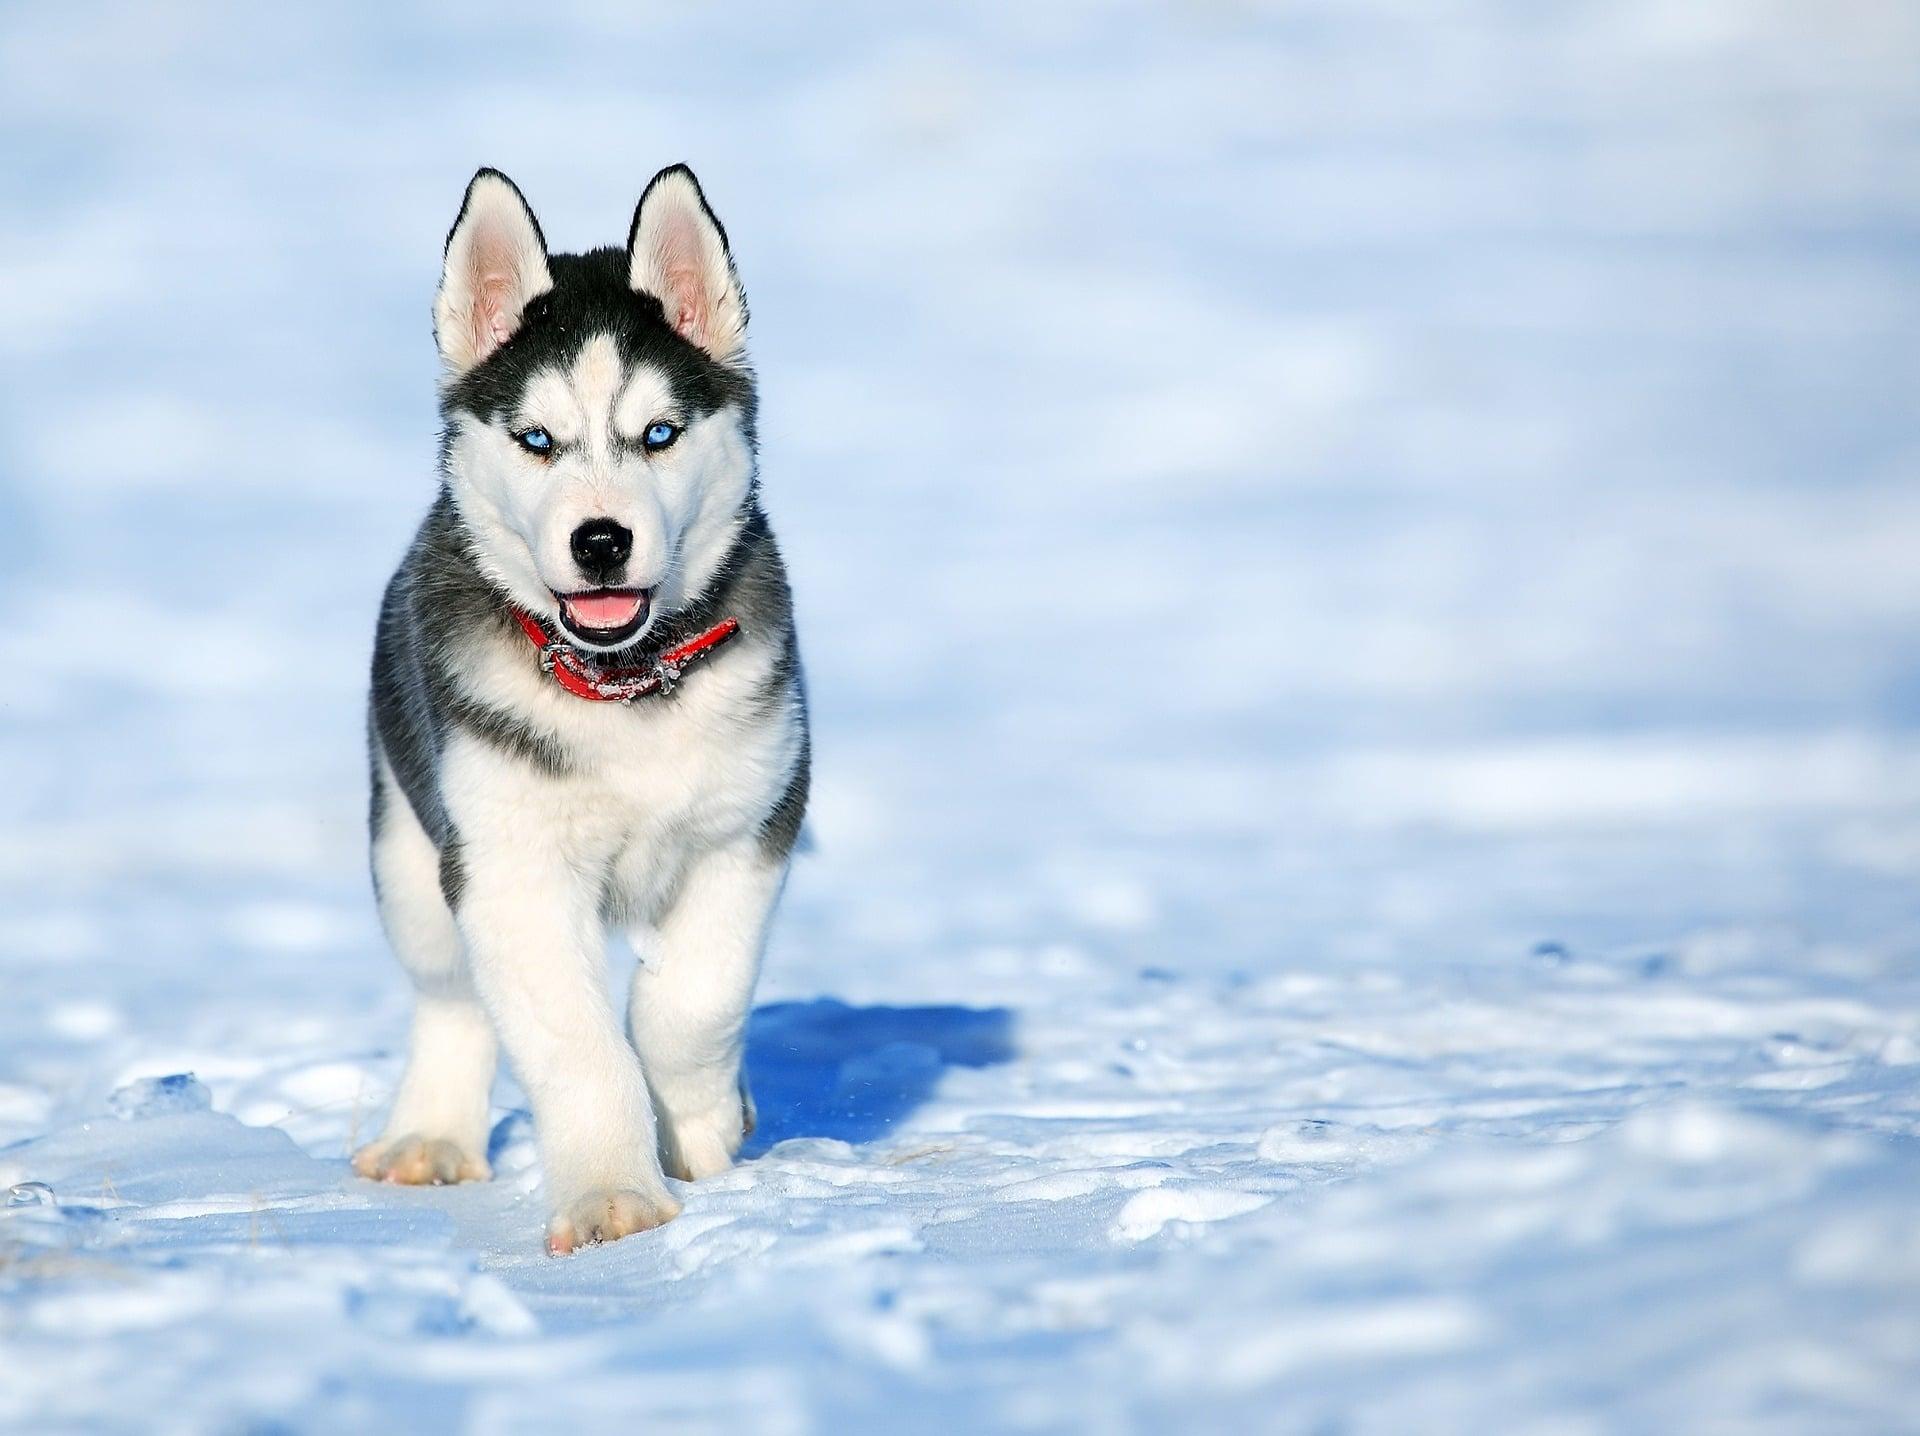 Na foto um cachorro da raça Husky Siberiano no meio de um local com neve.